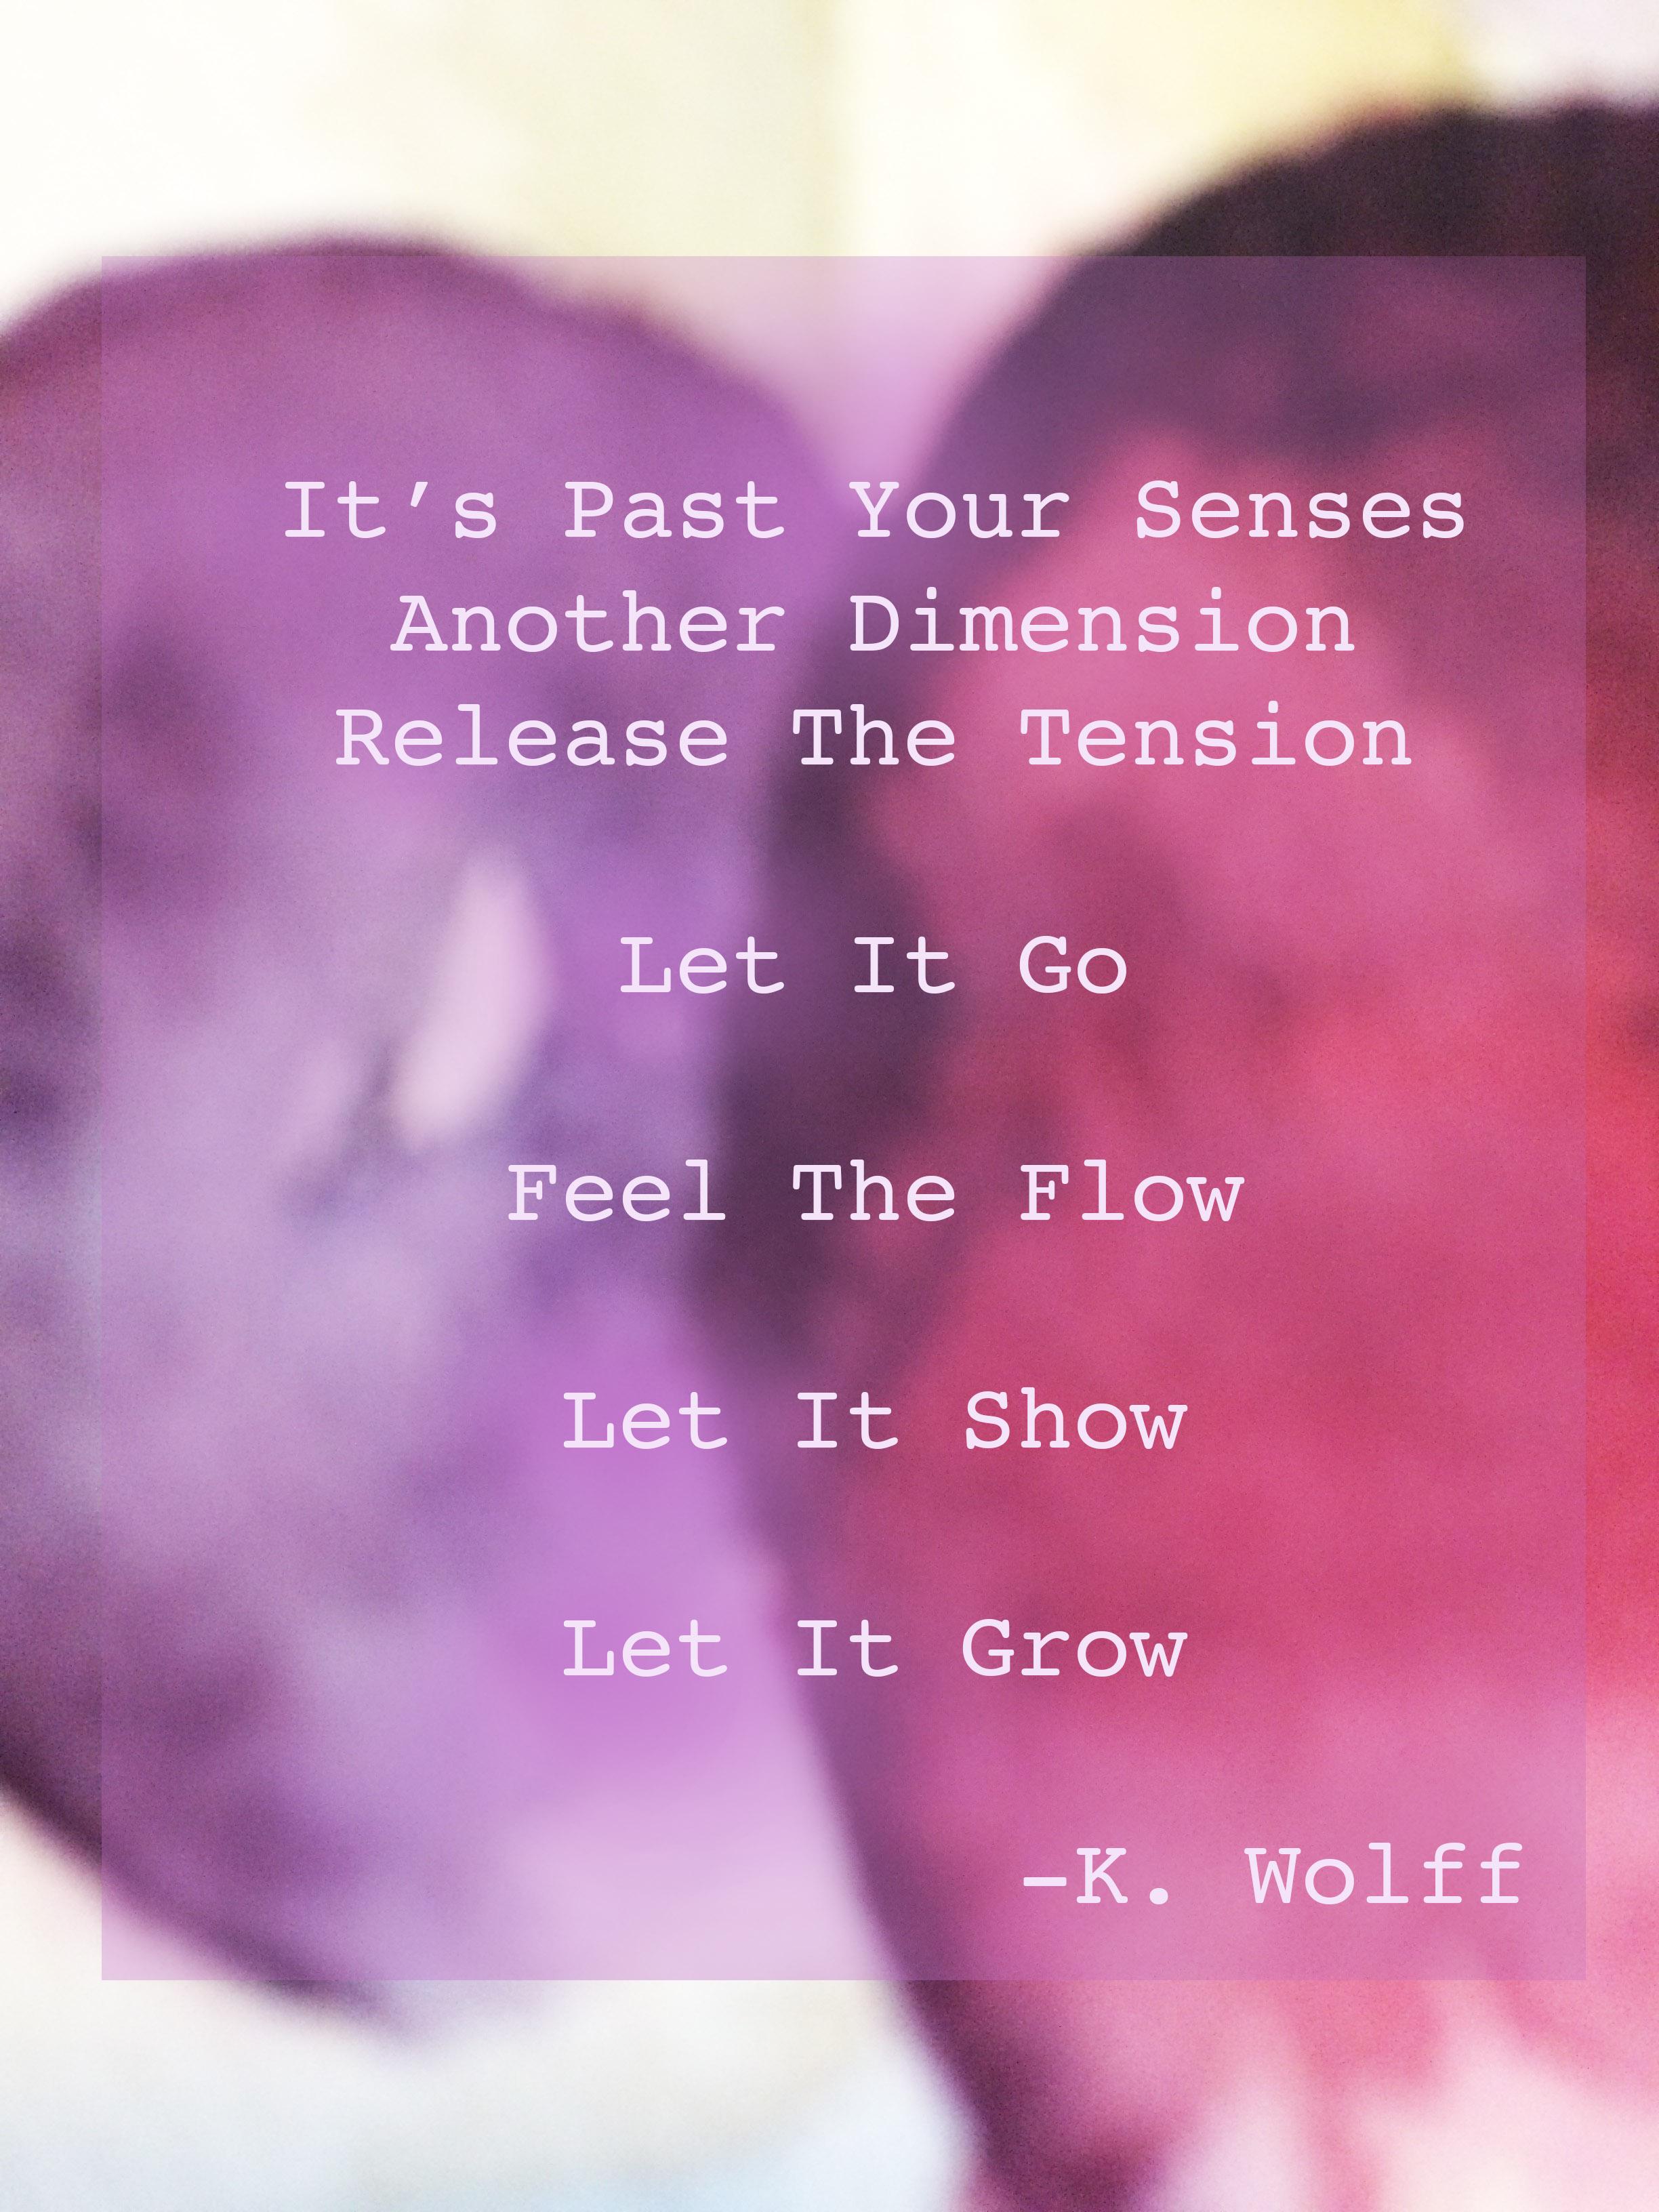 let it go, flow, show.jpg